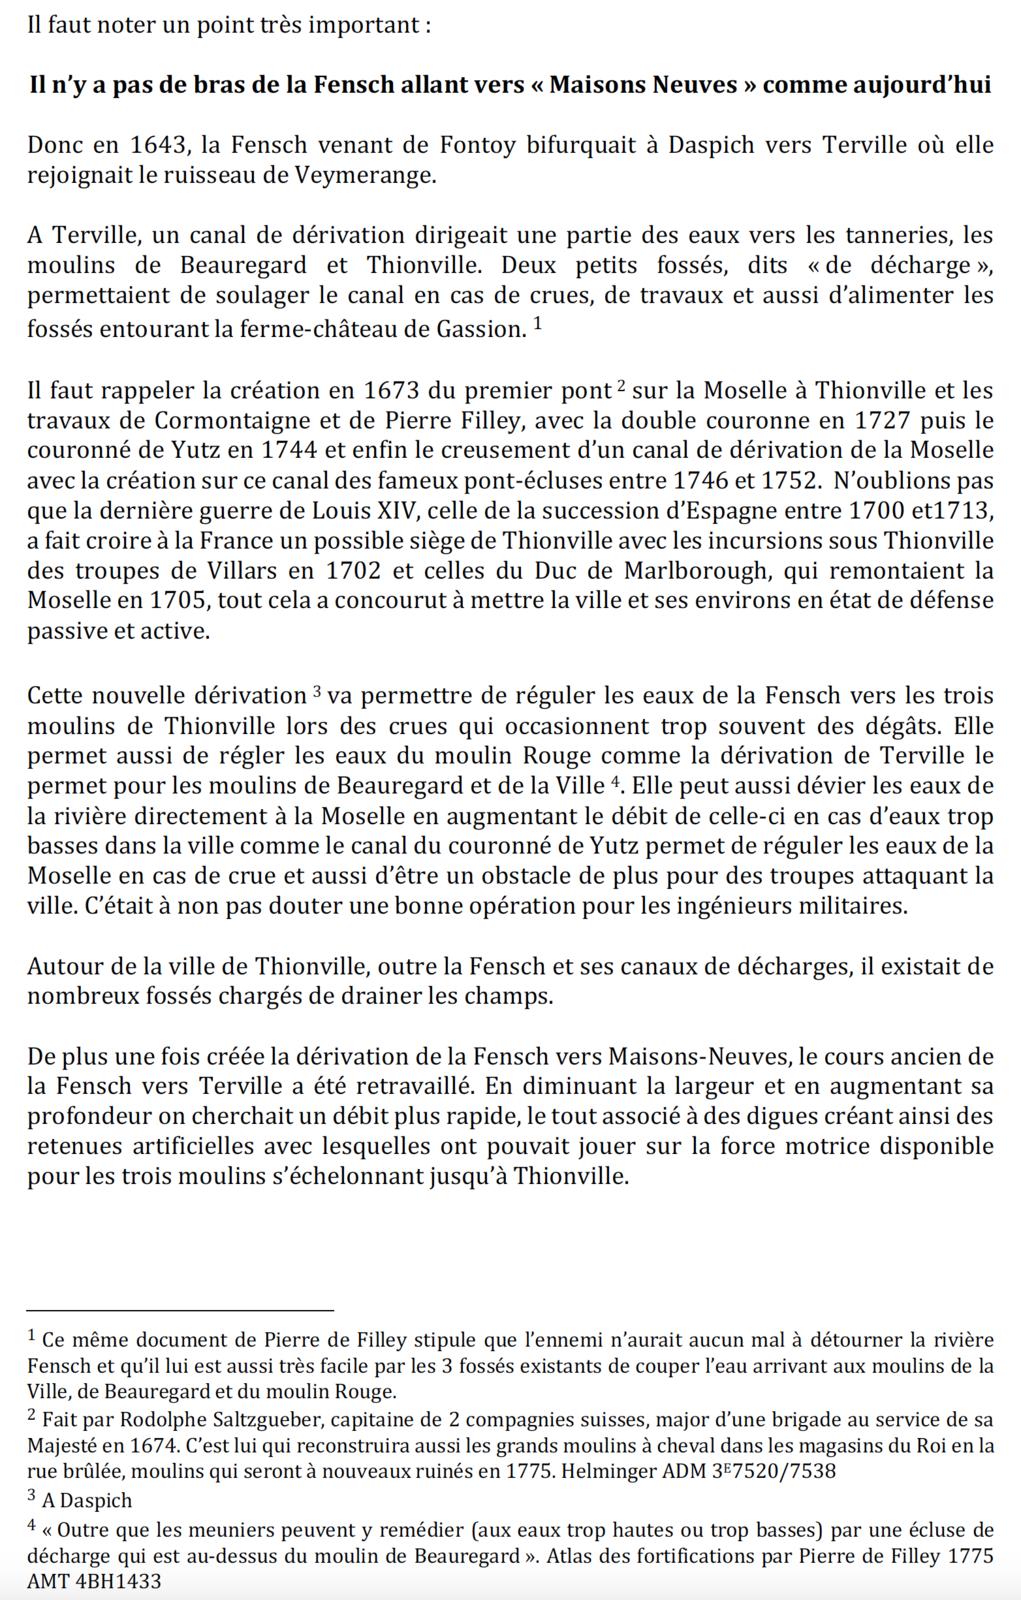 1458-2019 * Vie et mort du moulin de Thionville (suite N° 9 et fin de la série)